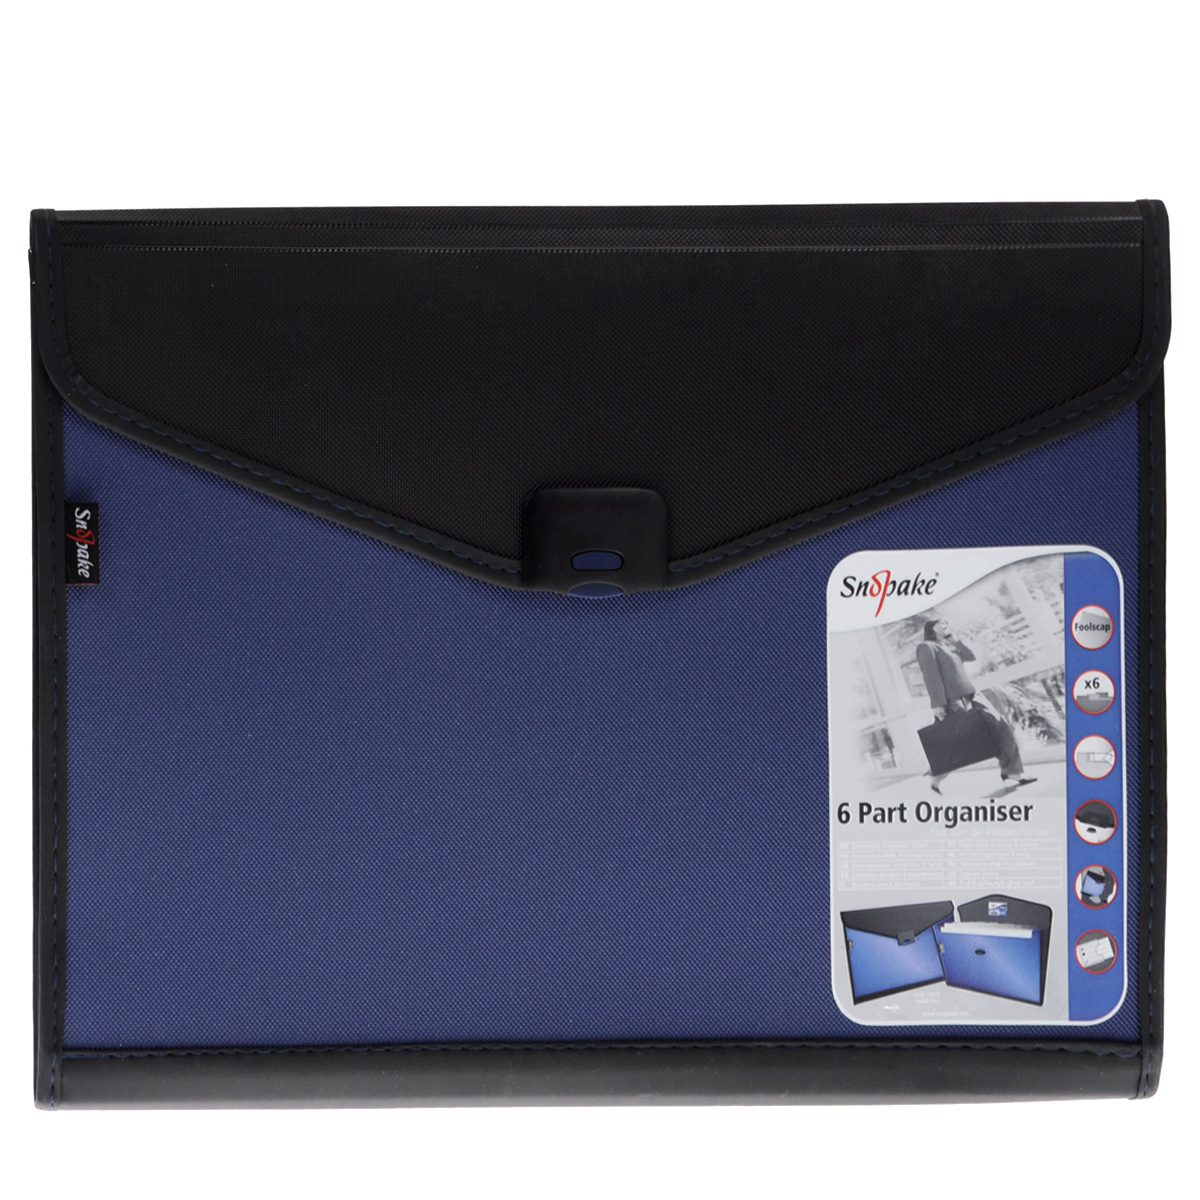 Папка-конверт Snopake Organiser, 6 отделений, цвет: черный, синий. Формат А4K13520